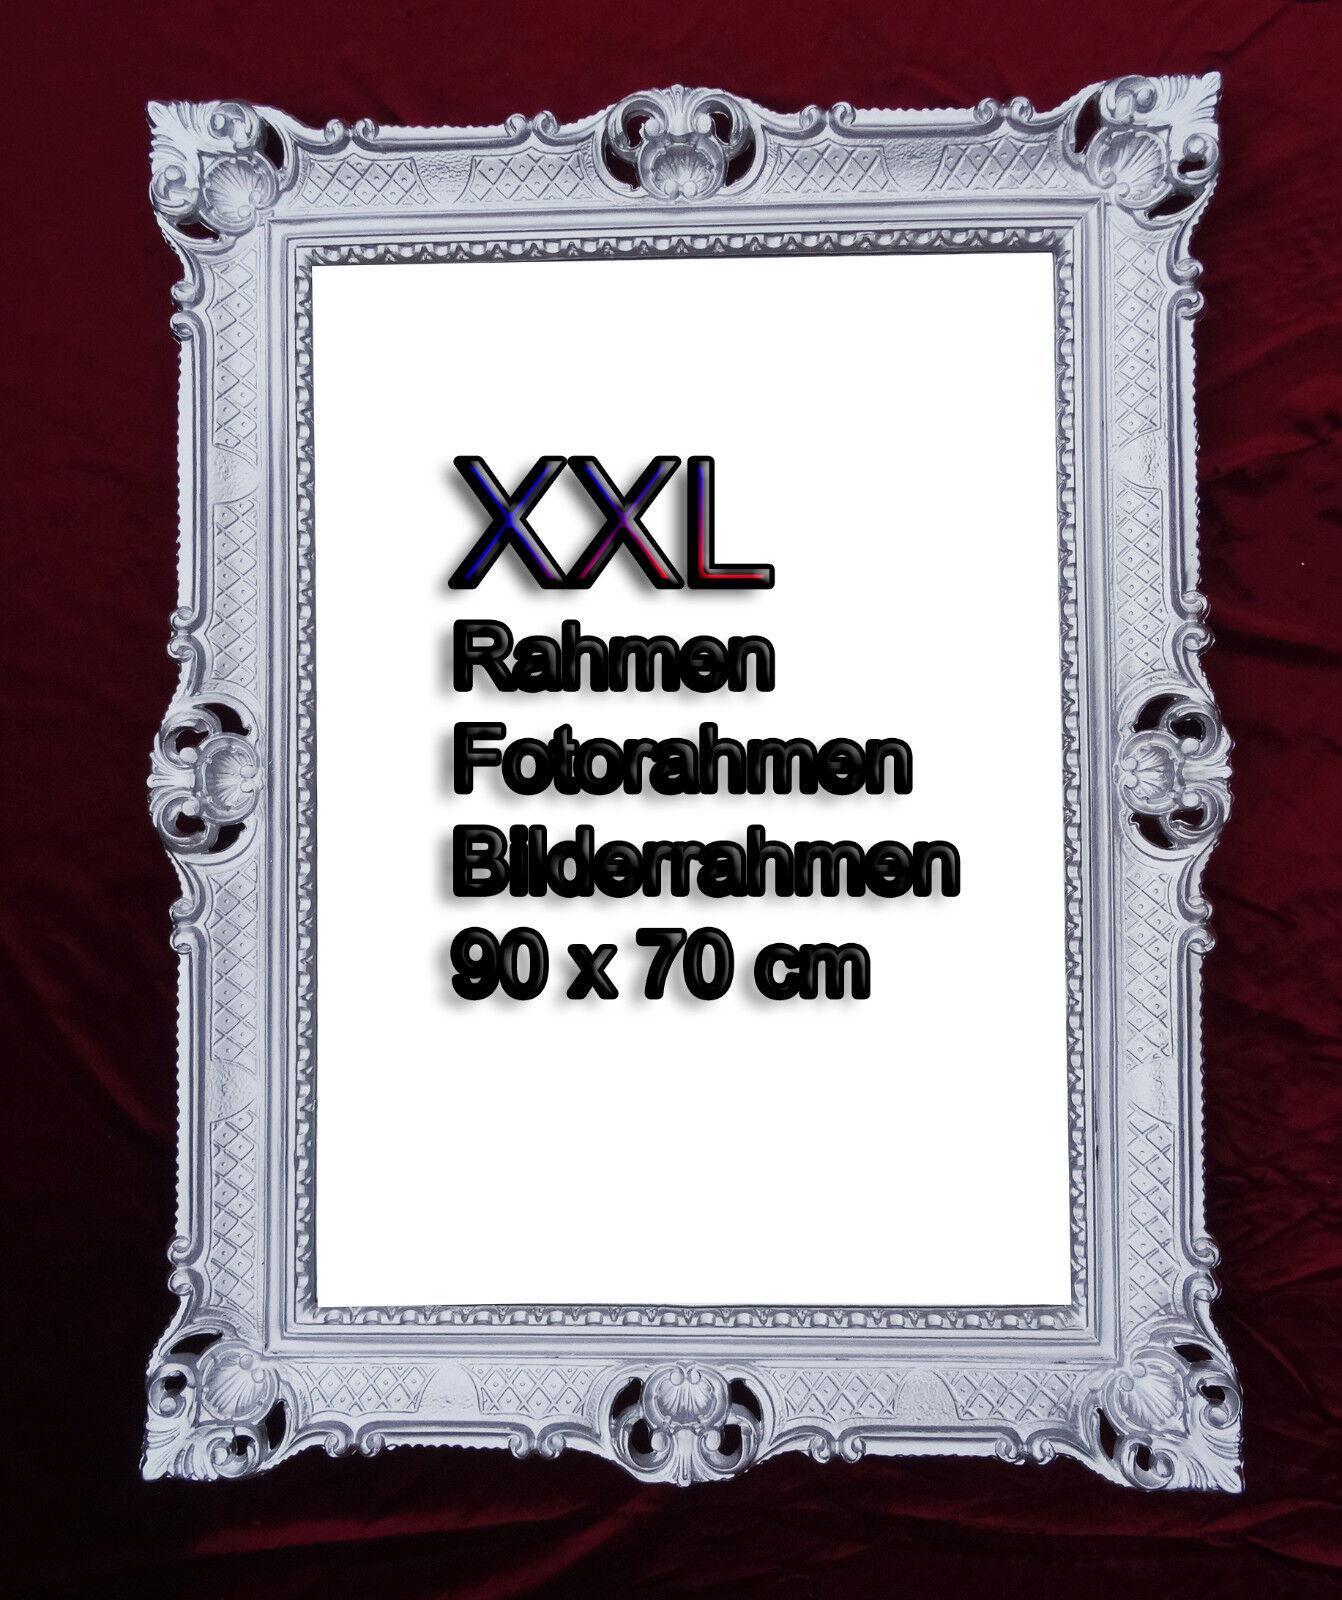 BILDERRAHMEN SCHWARZ GOLD ANTIK BAROCK RAHMEN ROKOKO FOTORAHMEN 90x70 WANDDEKO